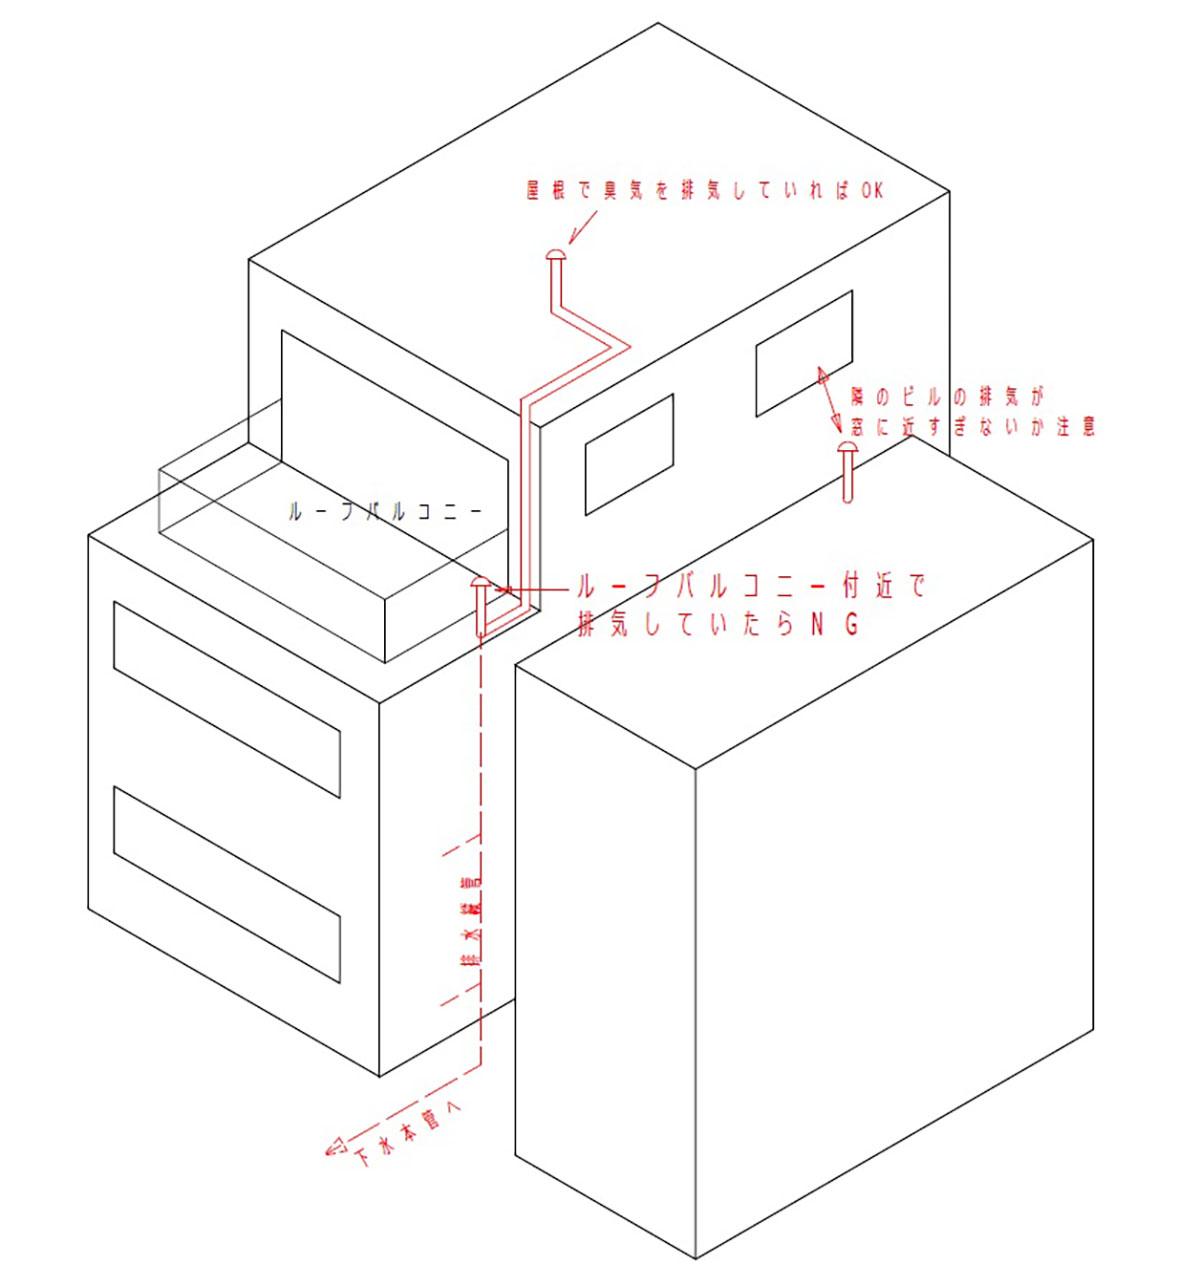 共用通気管の位置を確認する